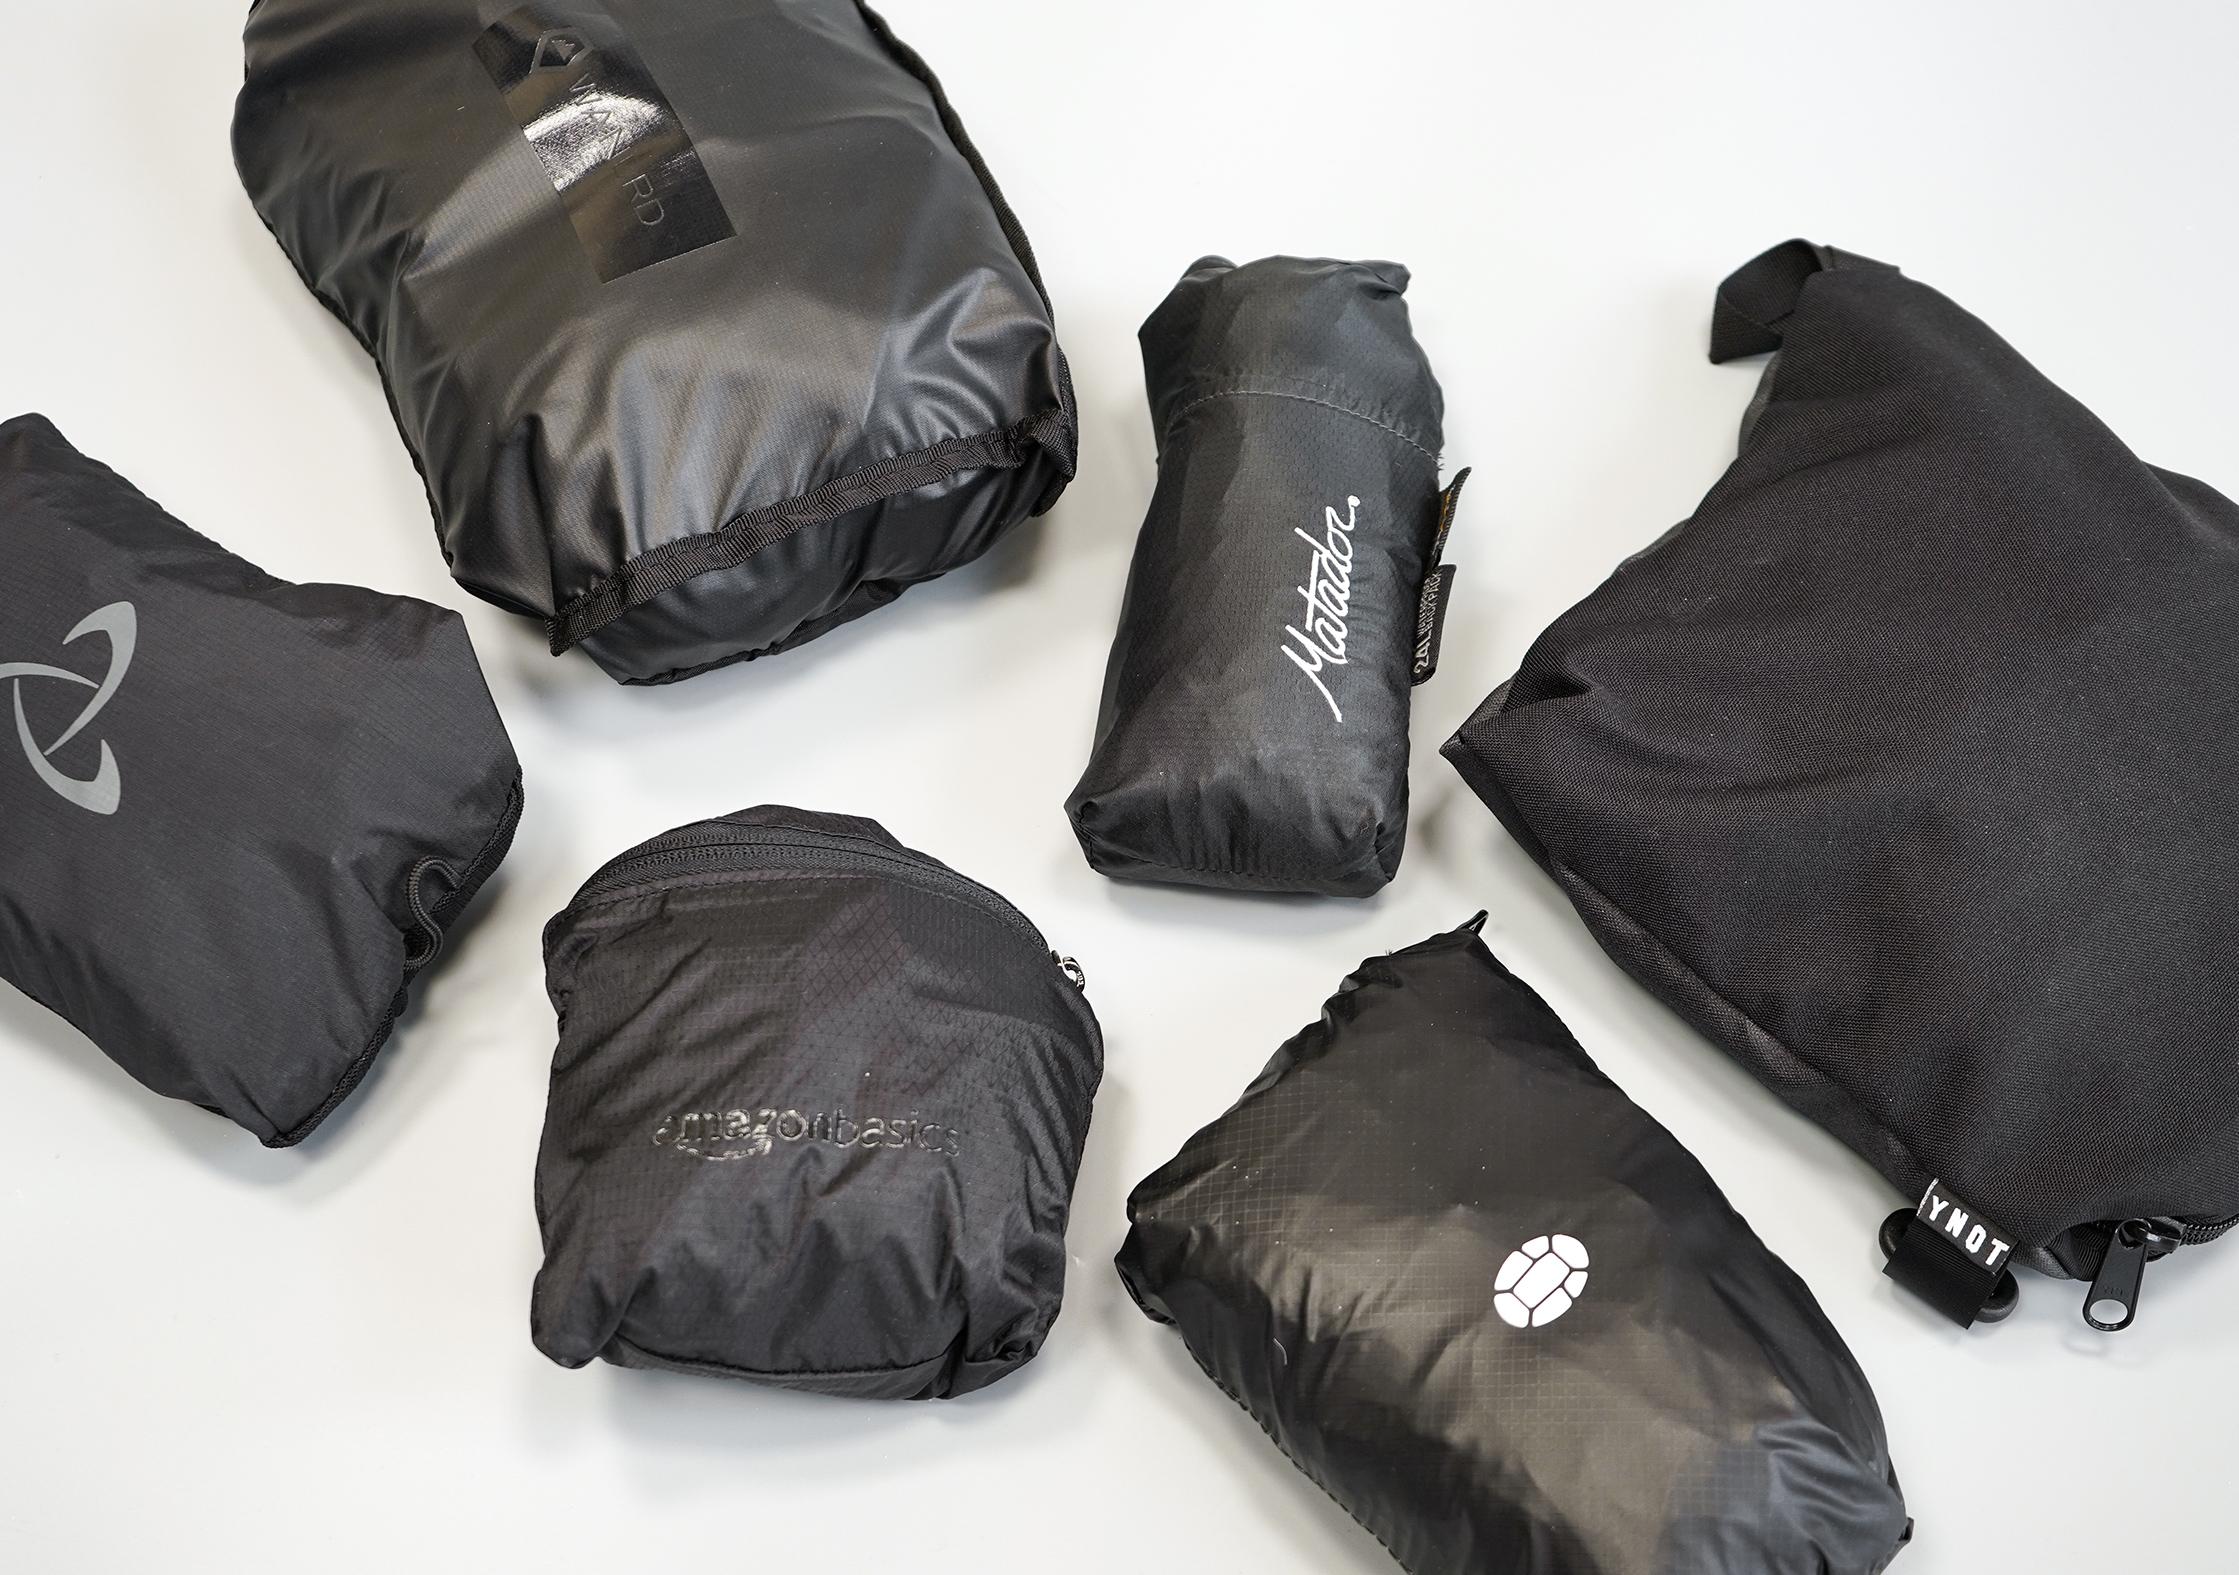 Packable Daypack Size Comparison